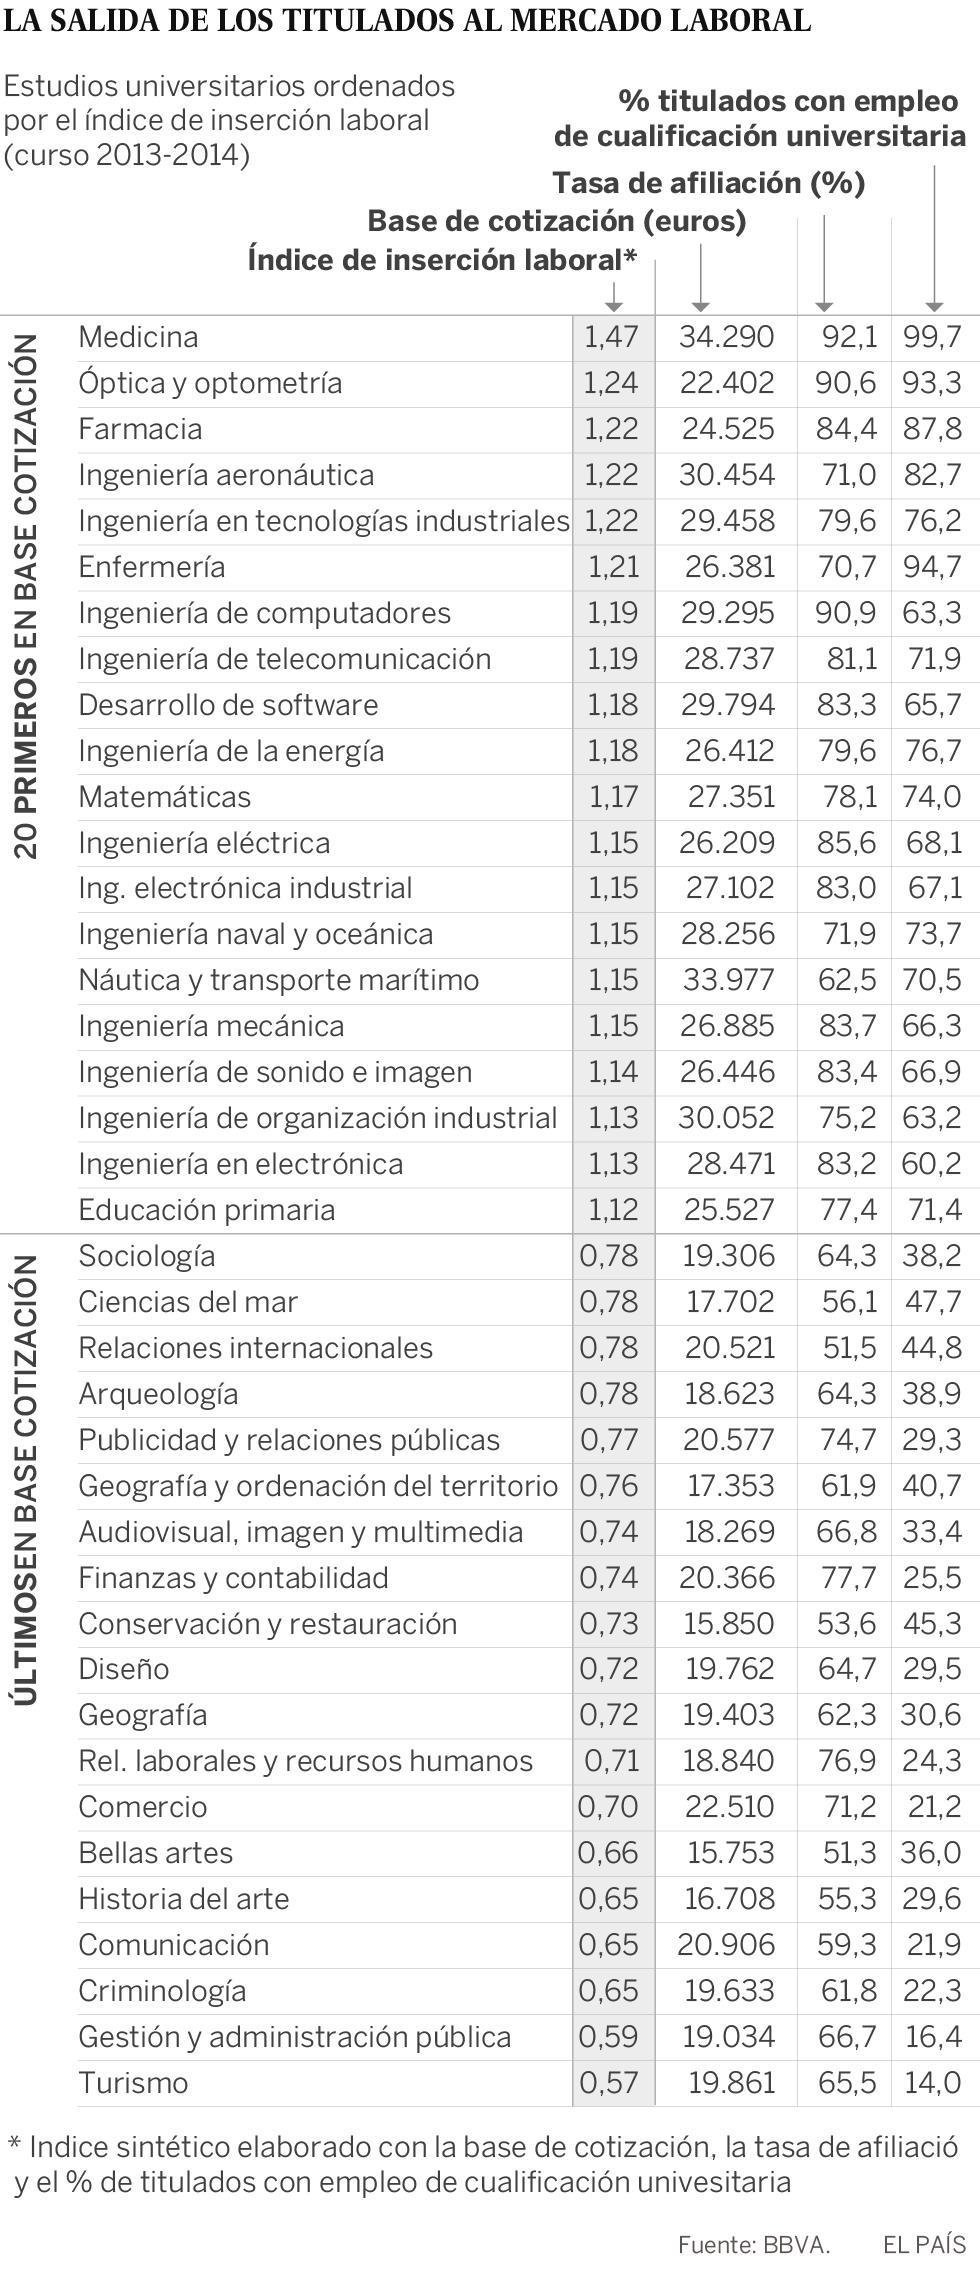 Así son las salidas de cada carrera universitaria: los de Medicina tienen la mejor y los de Turismo, la más complicada